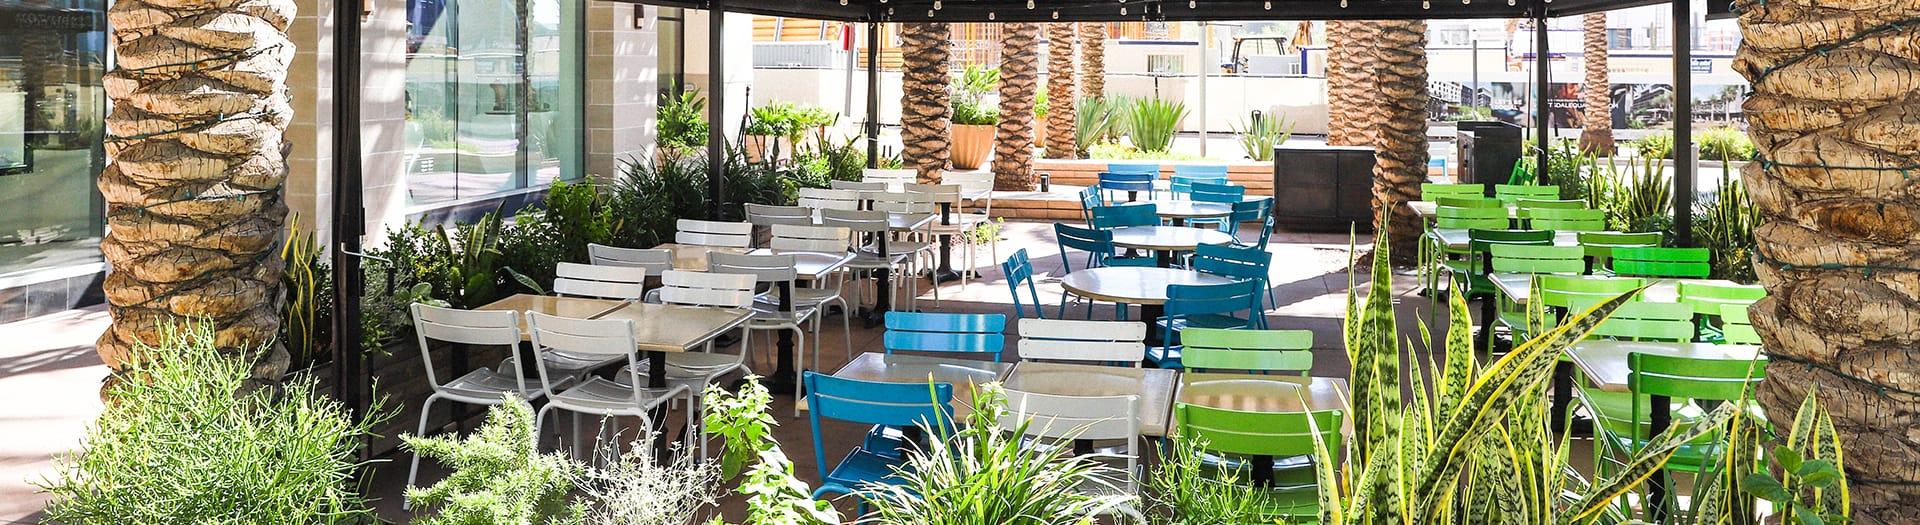 Zinburger – Scottsdale - Scottsdale, AZ